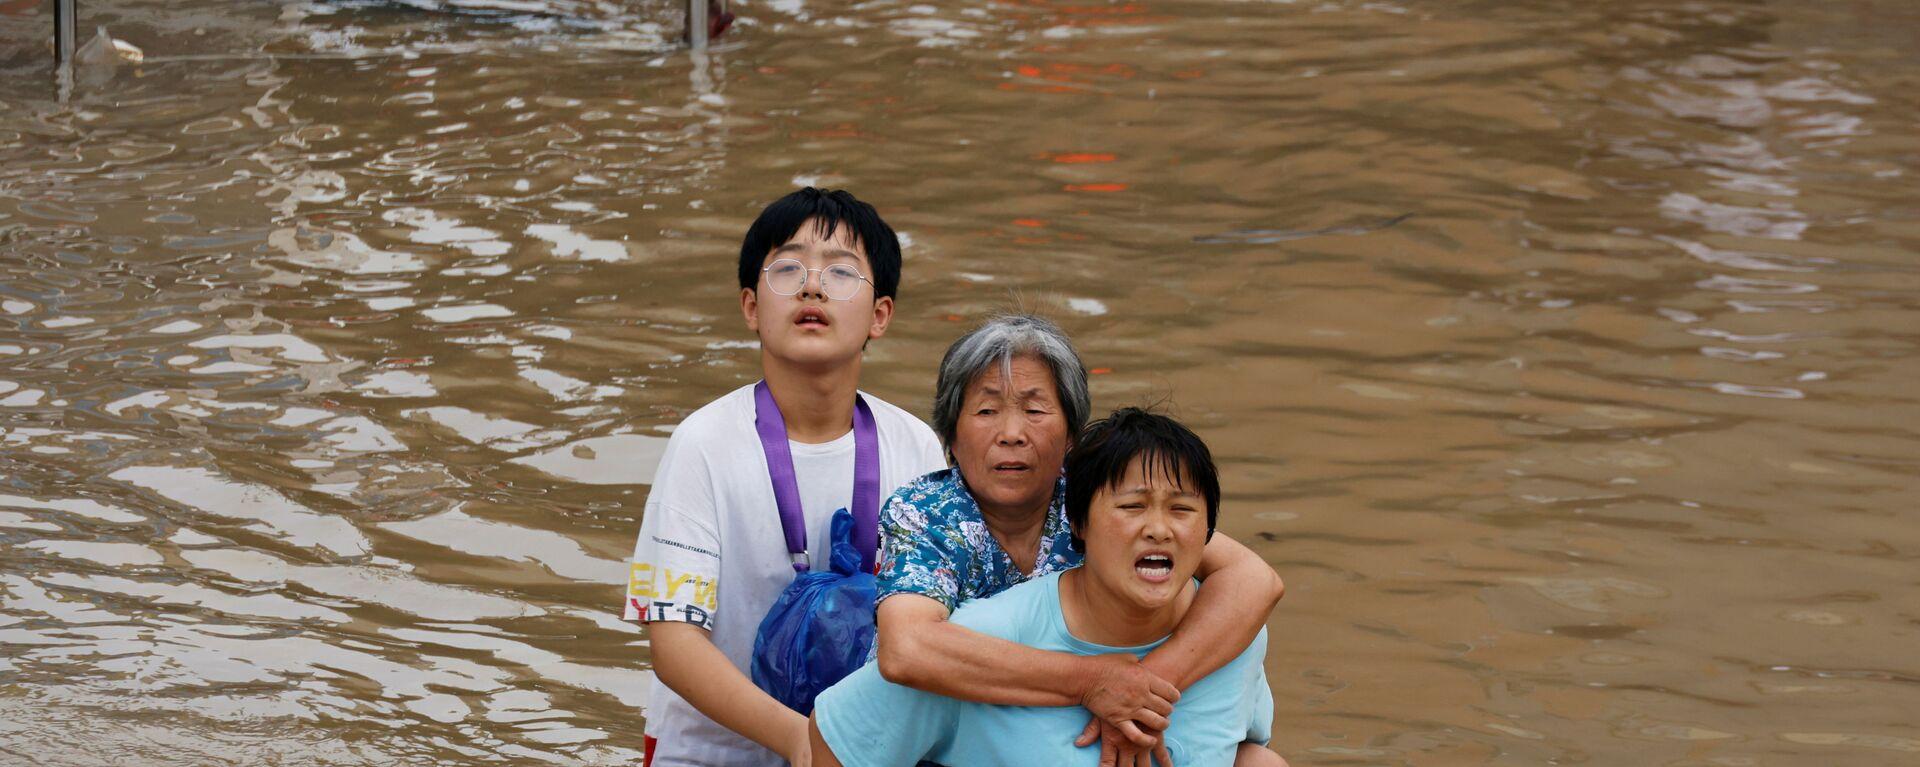 Женщина несет пожилую женщину  через паводковые воды после проливного дождя в Чжэнчжоу, провинция Хэнань, Китай - Sputnik Česká republika, 1920, 26.07.2021